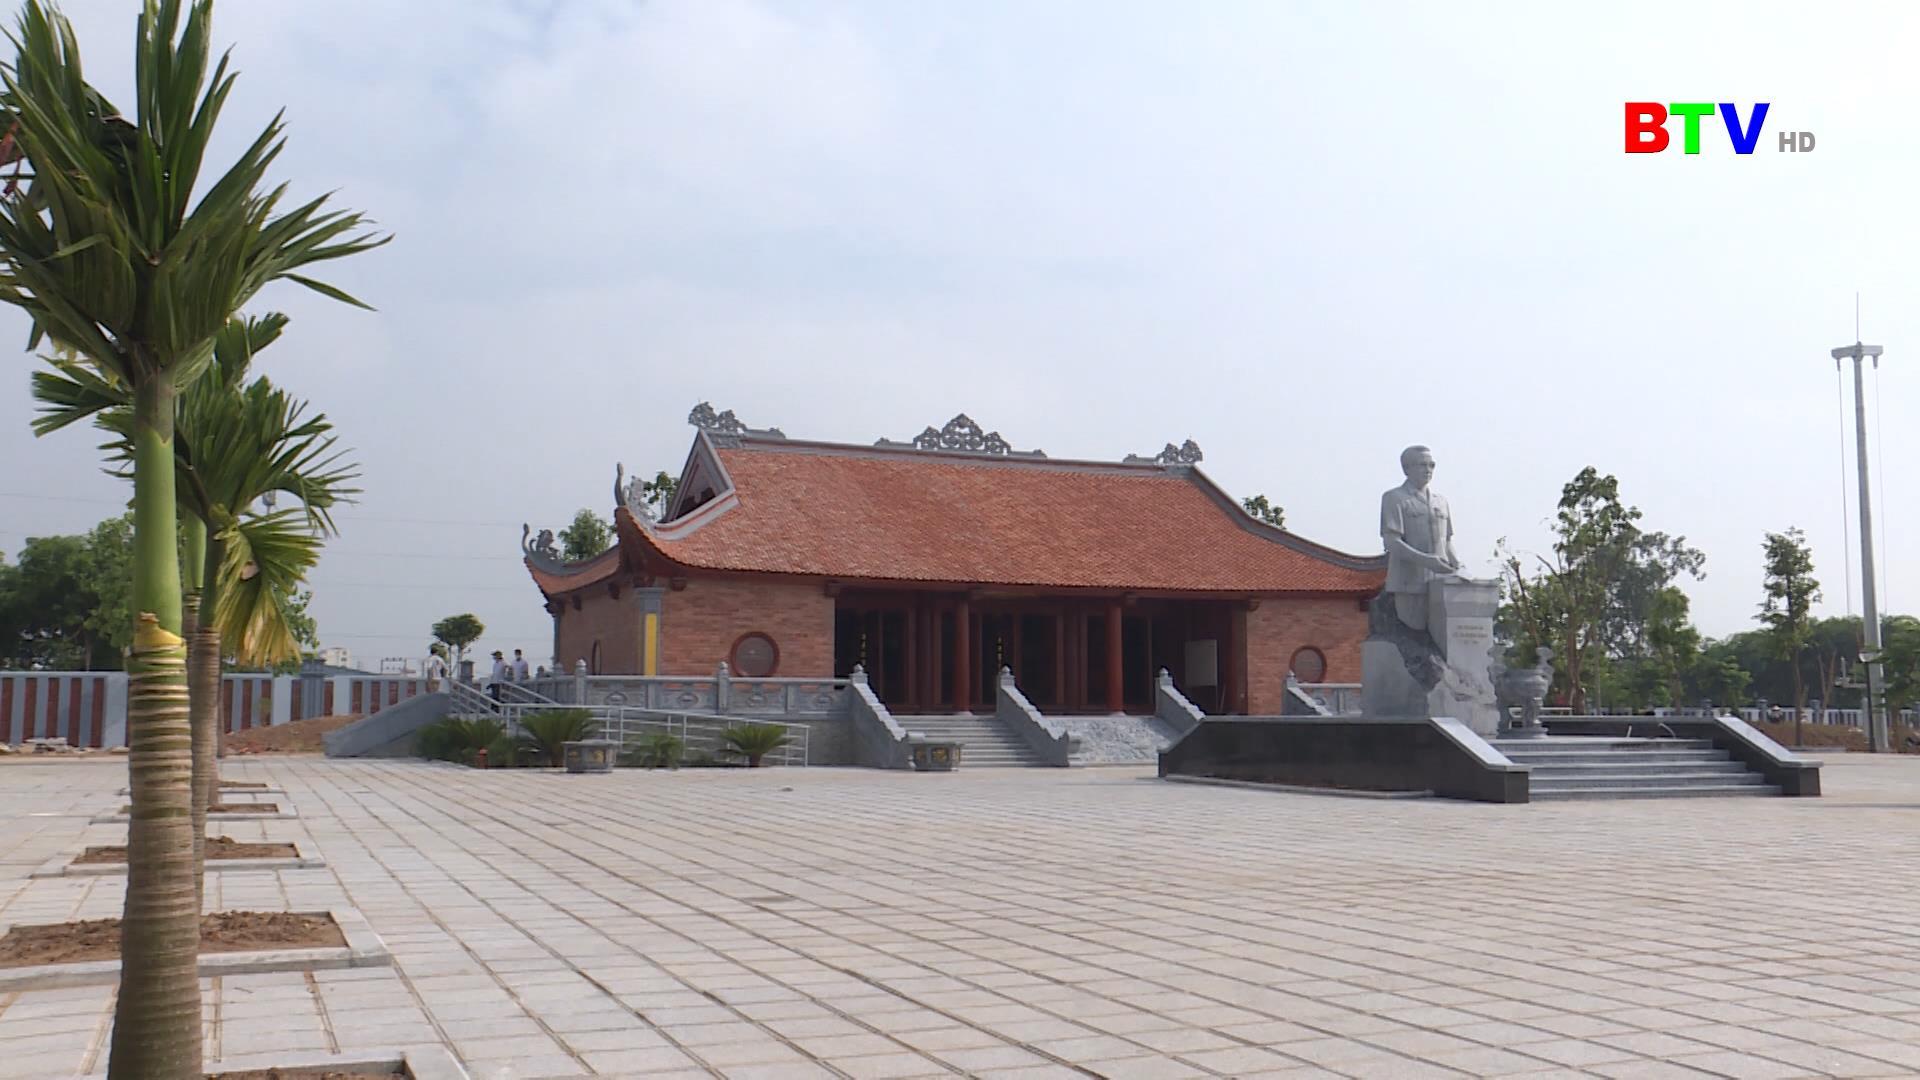 Công viên thị xã Từ Sơn và nhà lưu niệm đồng chí Lê Quang Đạo sẵn sàng phục vụ lễ  kỷ niệm